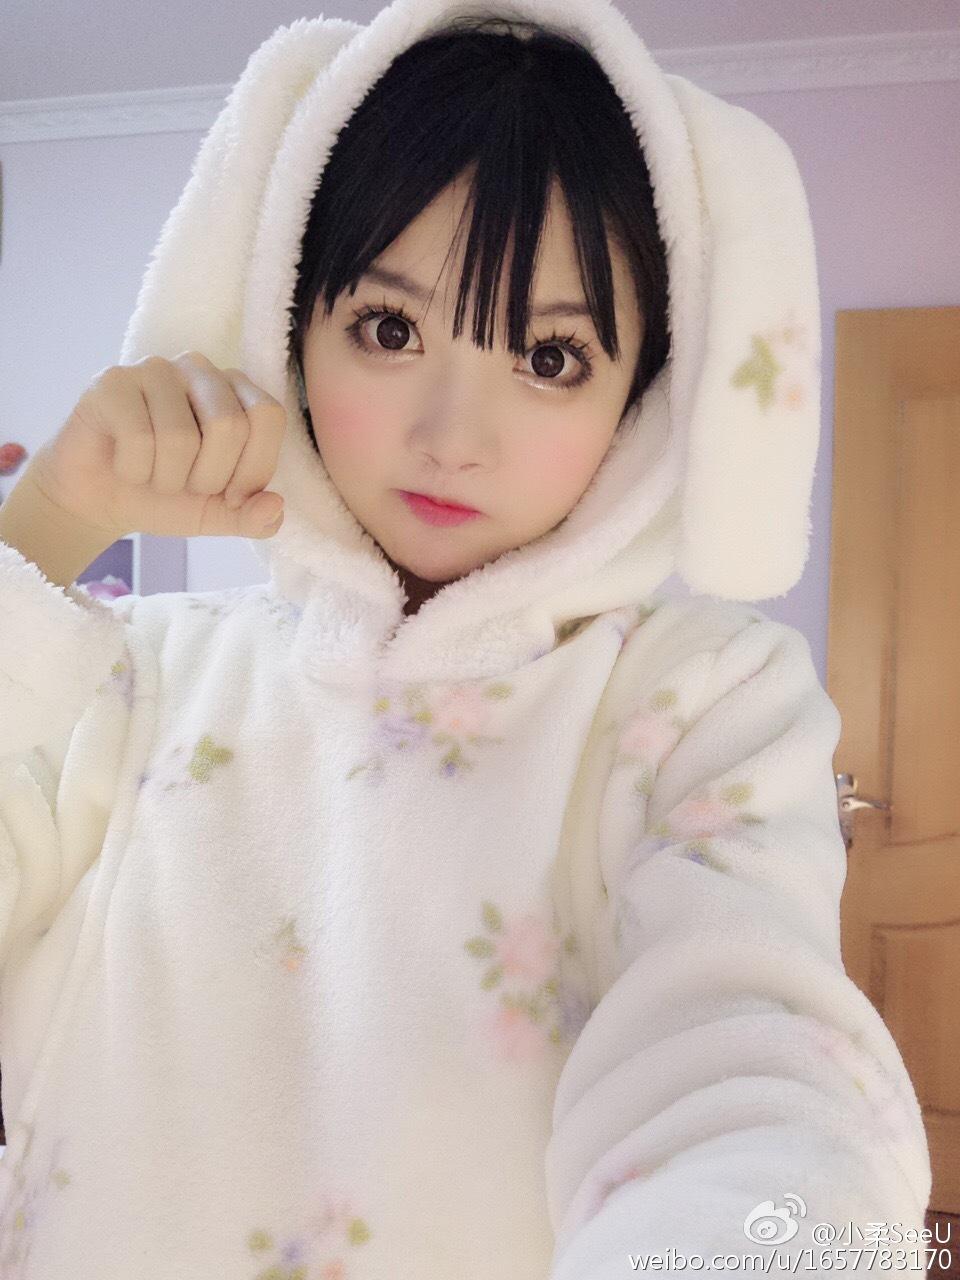 小柔SeeU[兔子][兔子][兔子][兔子]晒一下我_美女福利图片